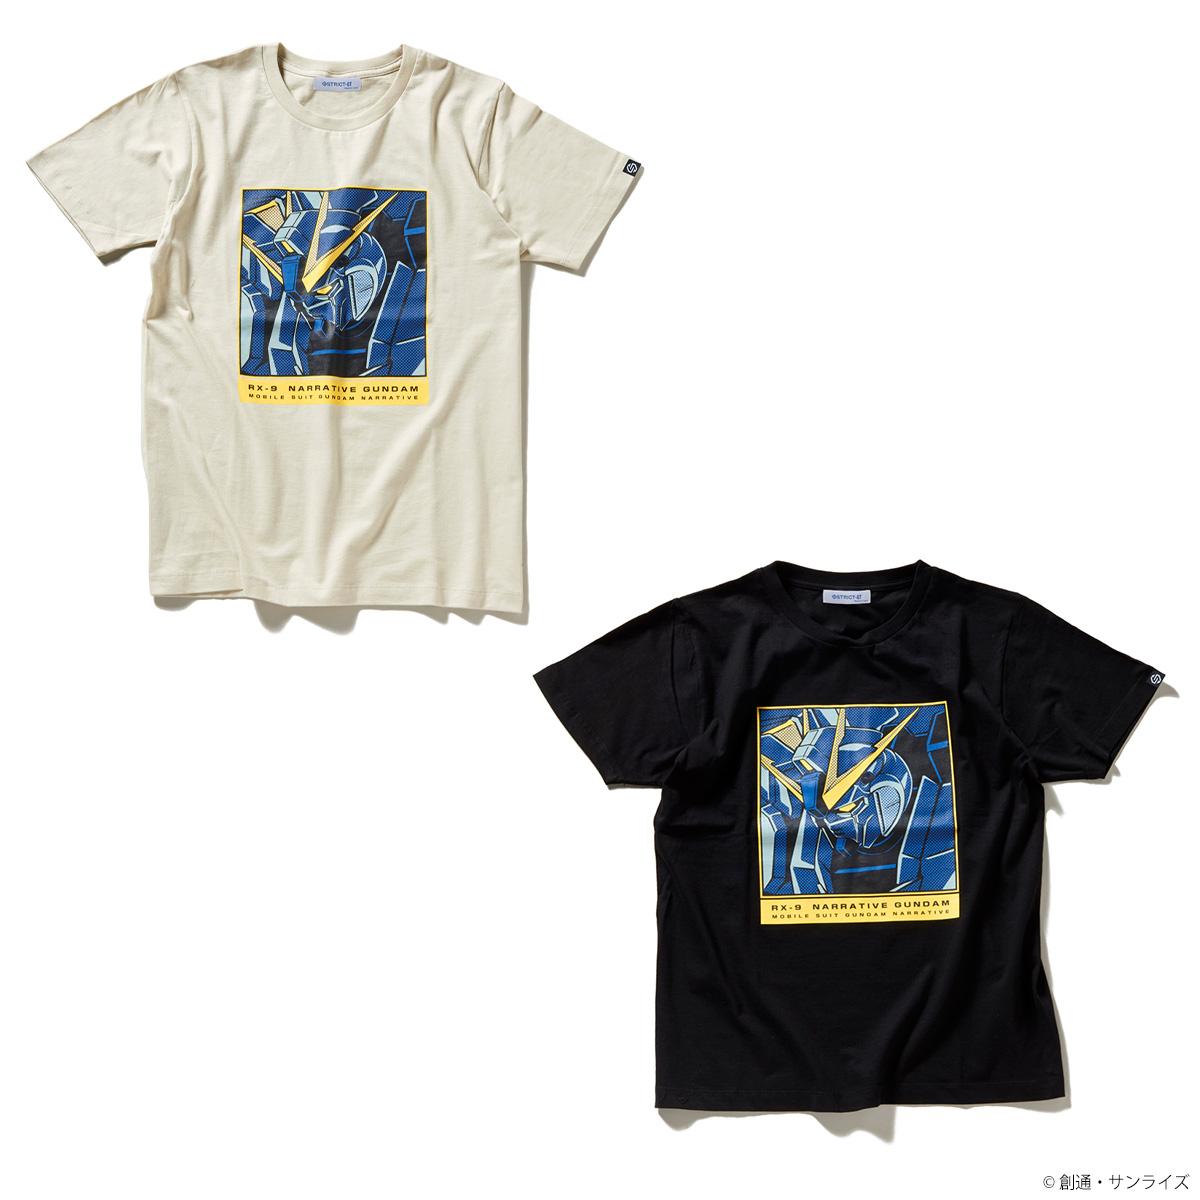 『機動戦士ガンダムNT』POP ARTシリーズ発売!